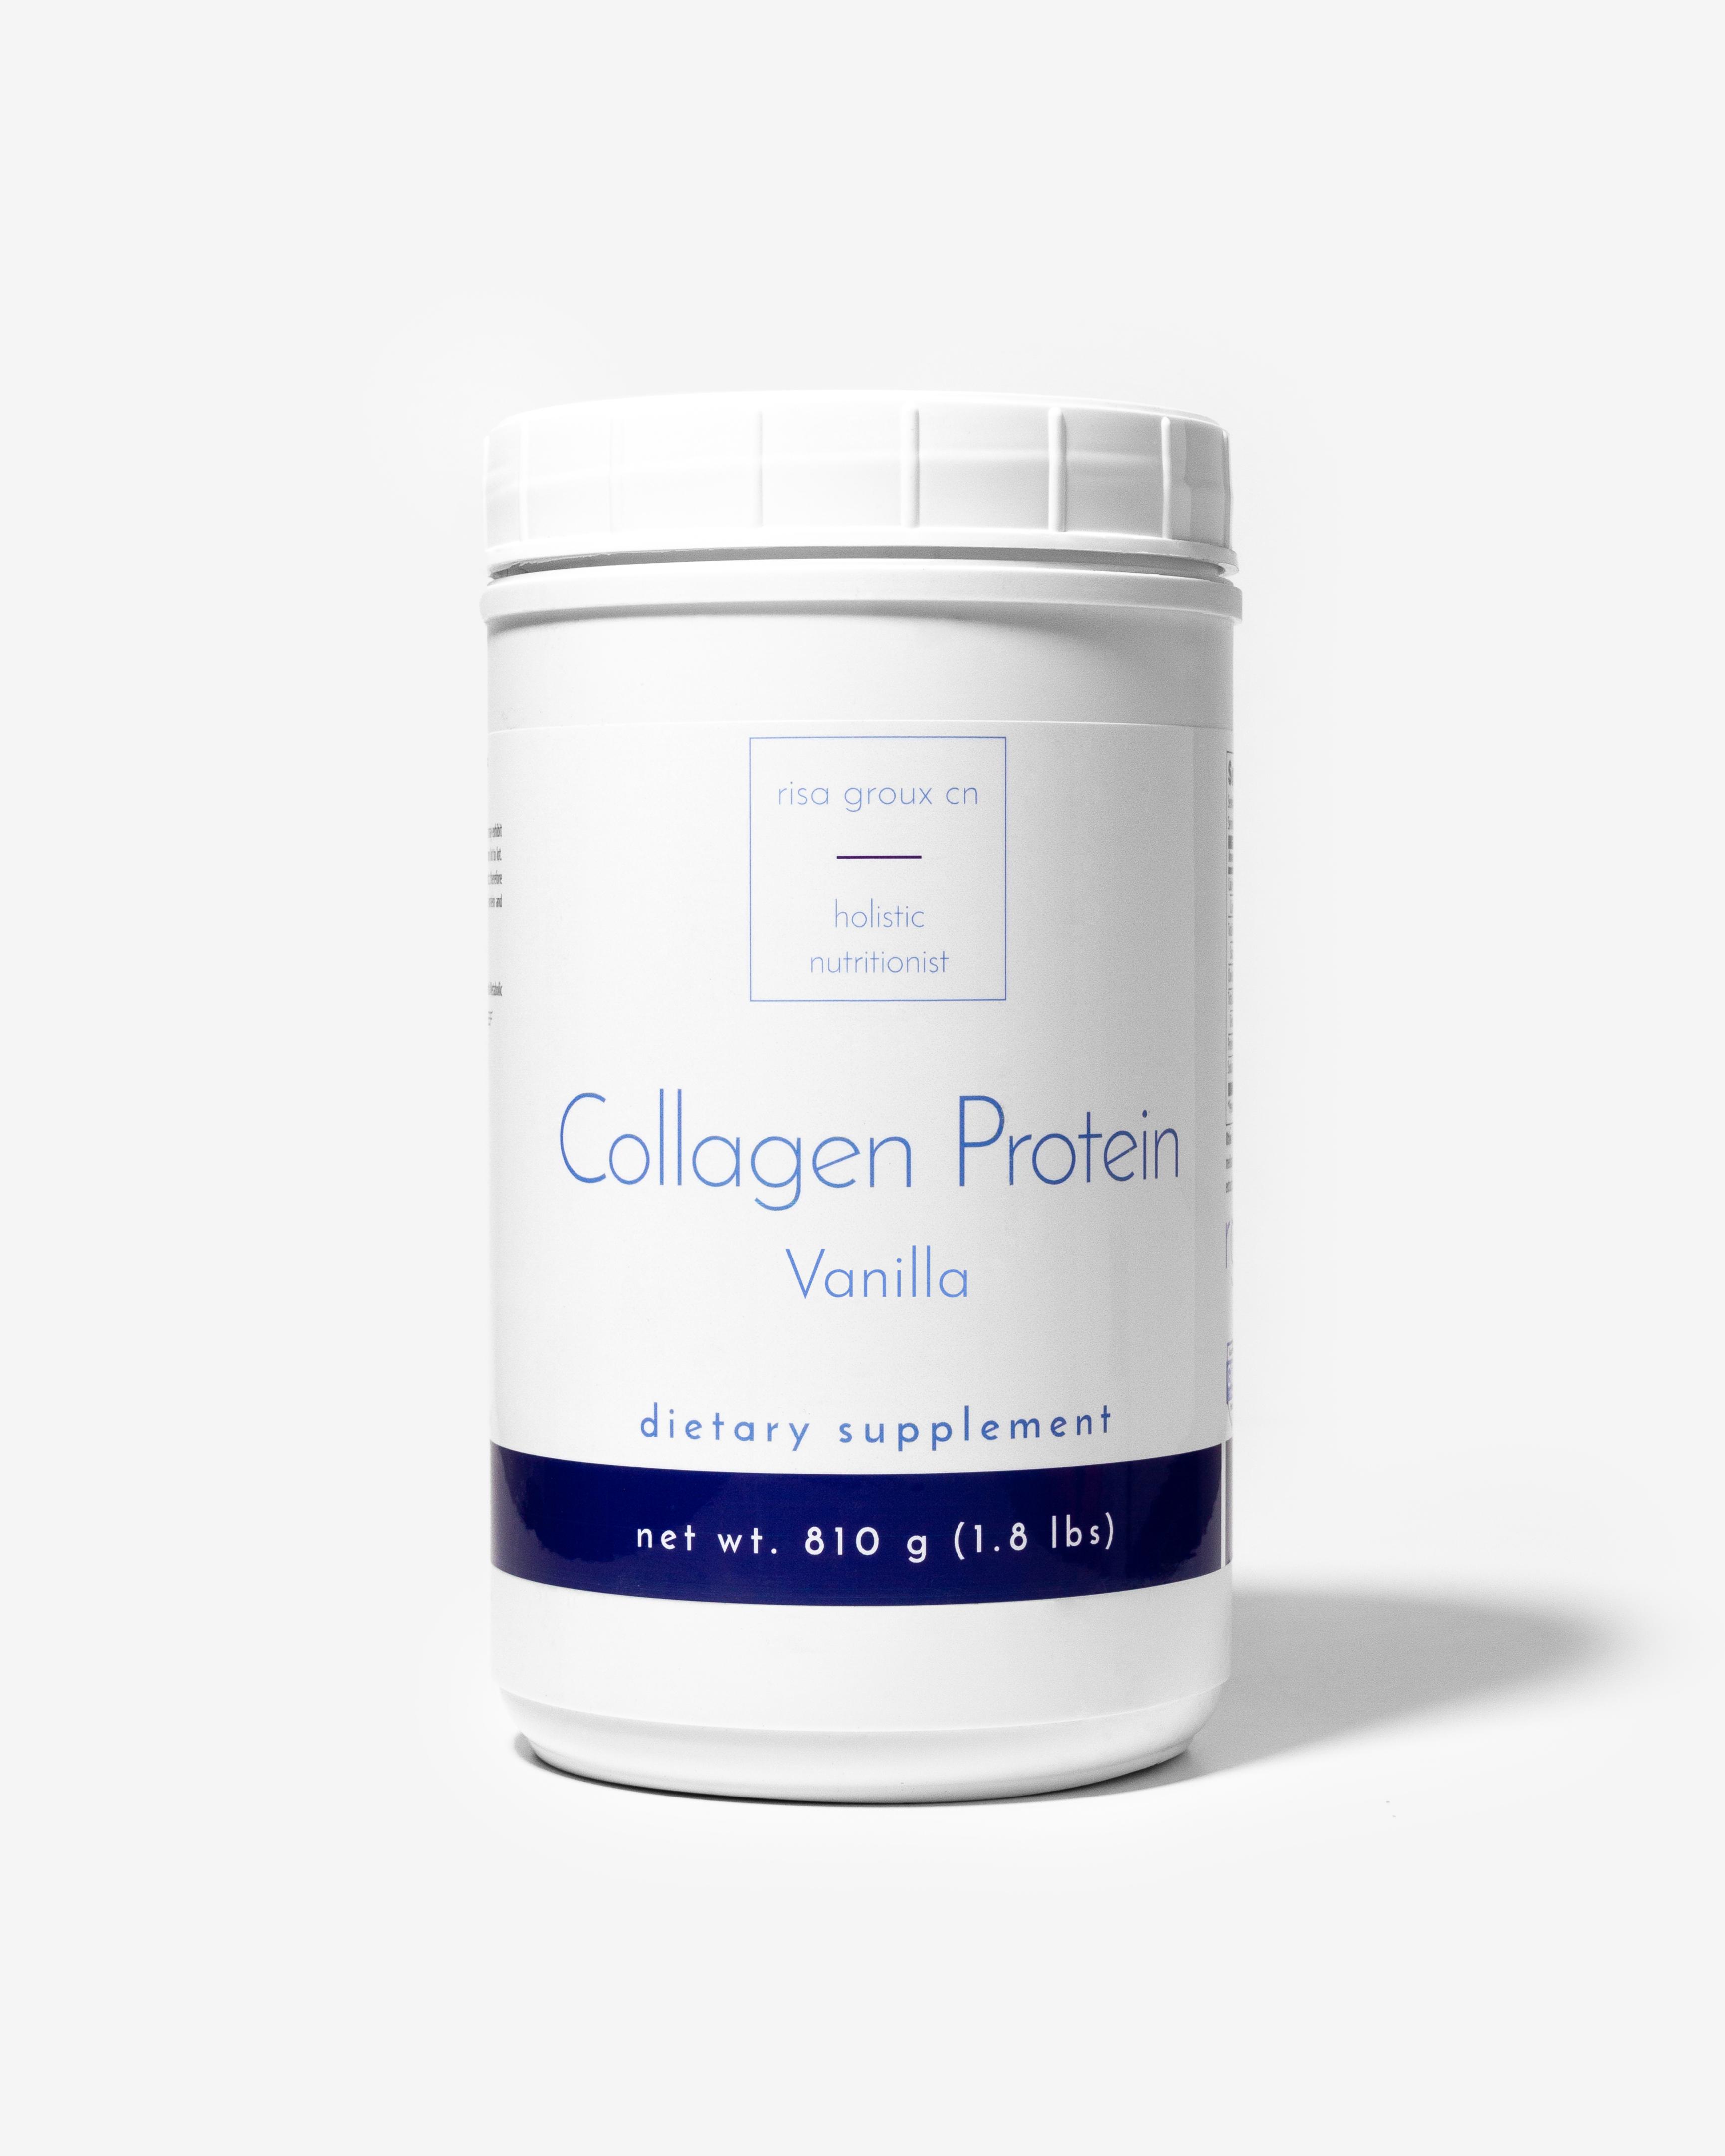 Collagen Protein (Vanilla)